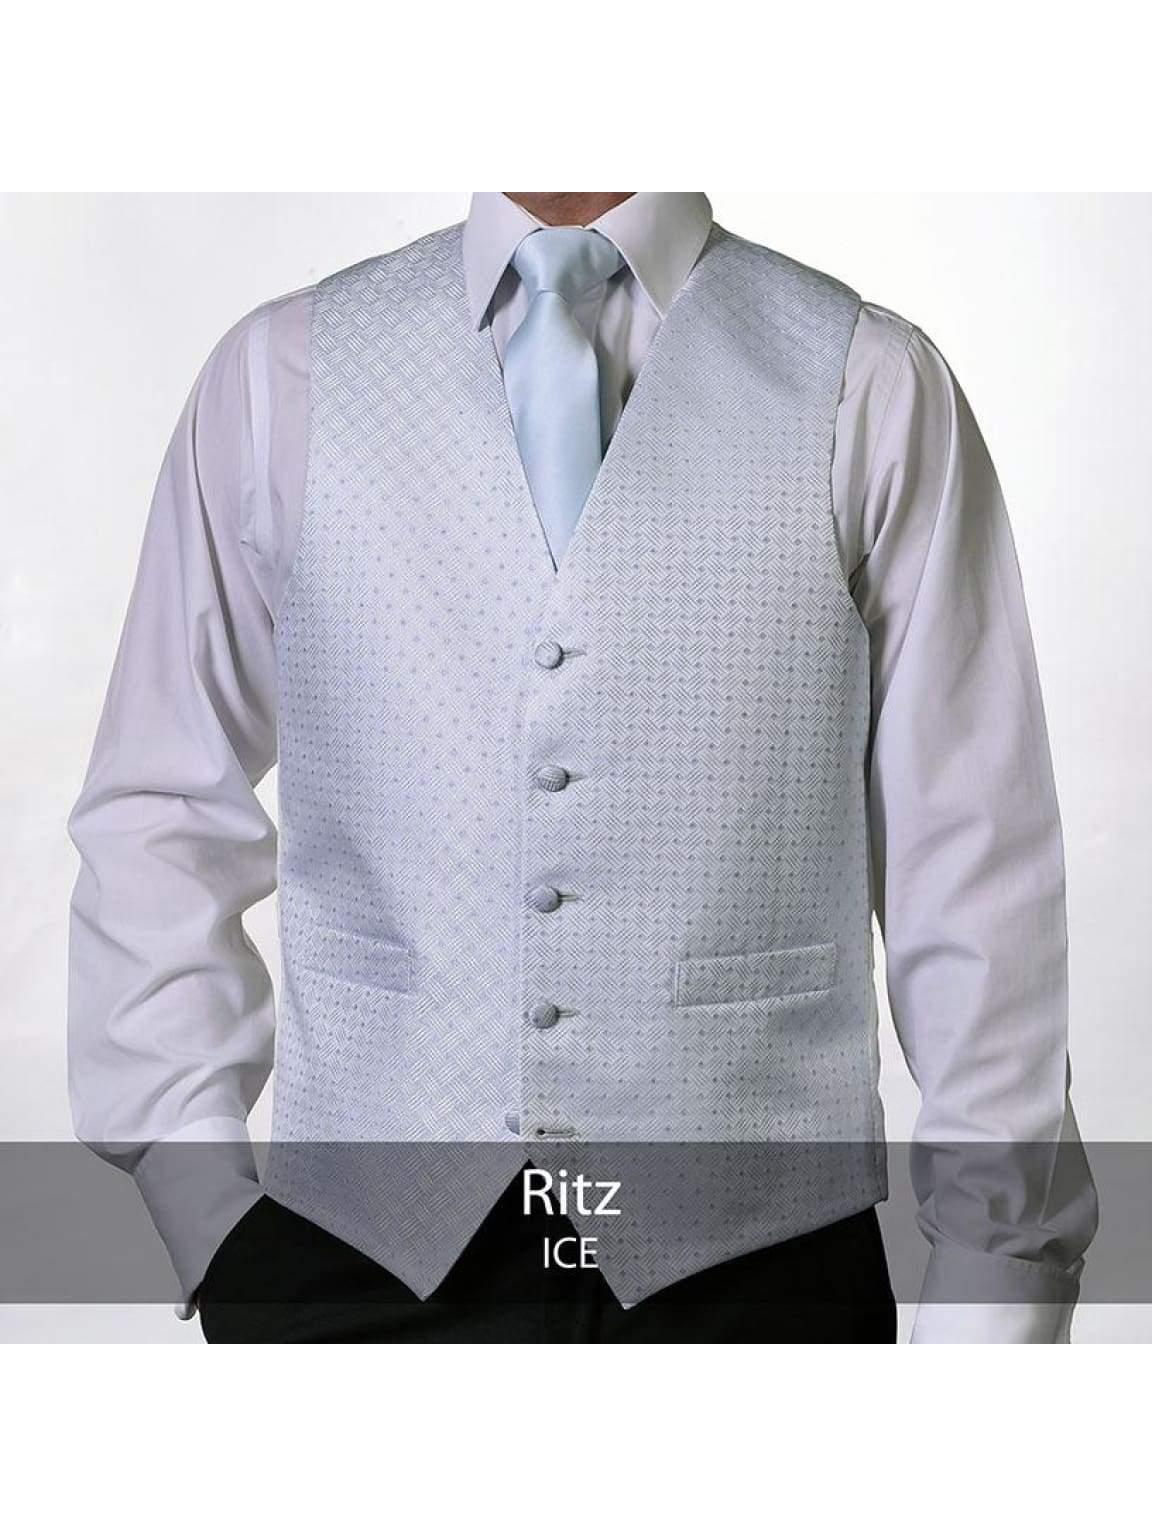 Heirloom Ritz Mens Ice Luxury 100% Wool Tweed Waistcoat - 34R - WAISTCOATS